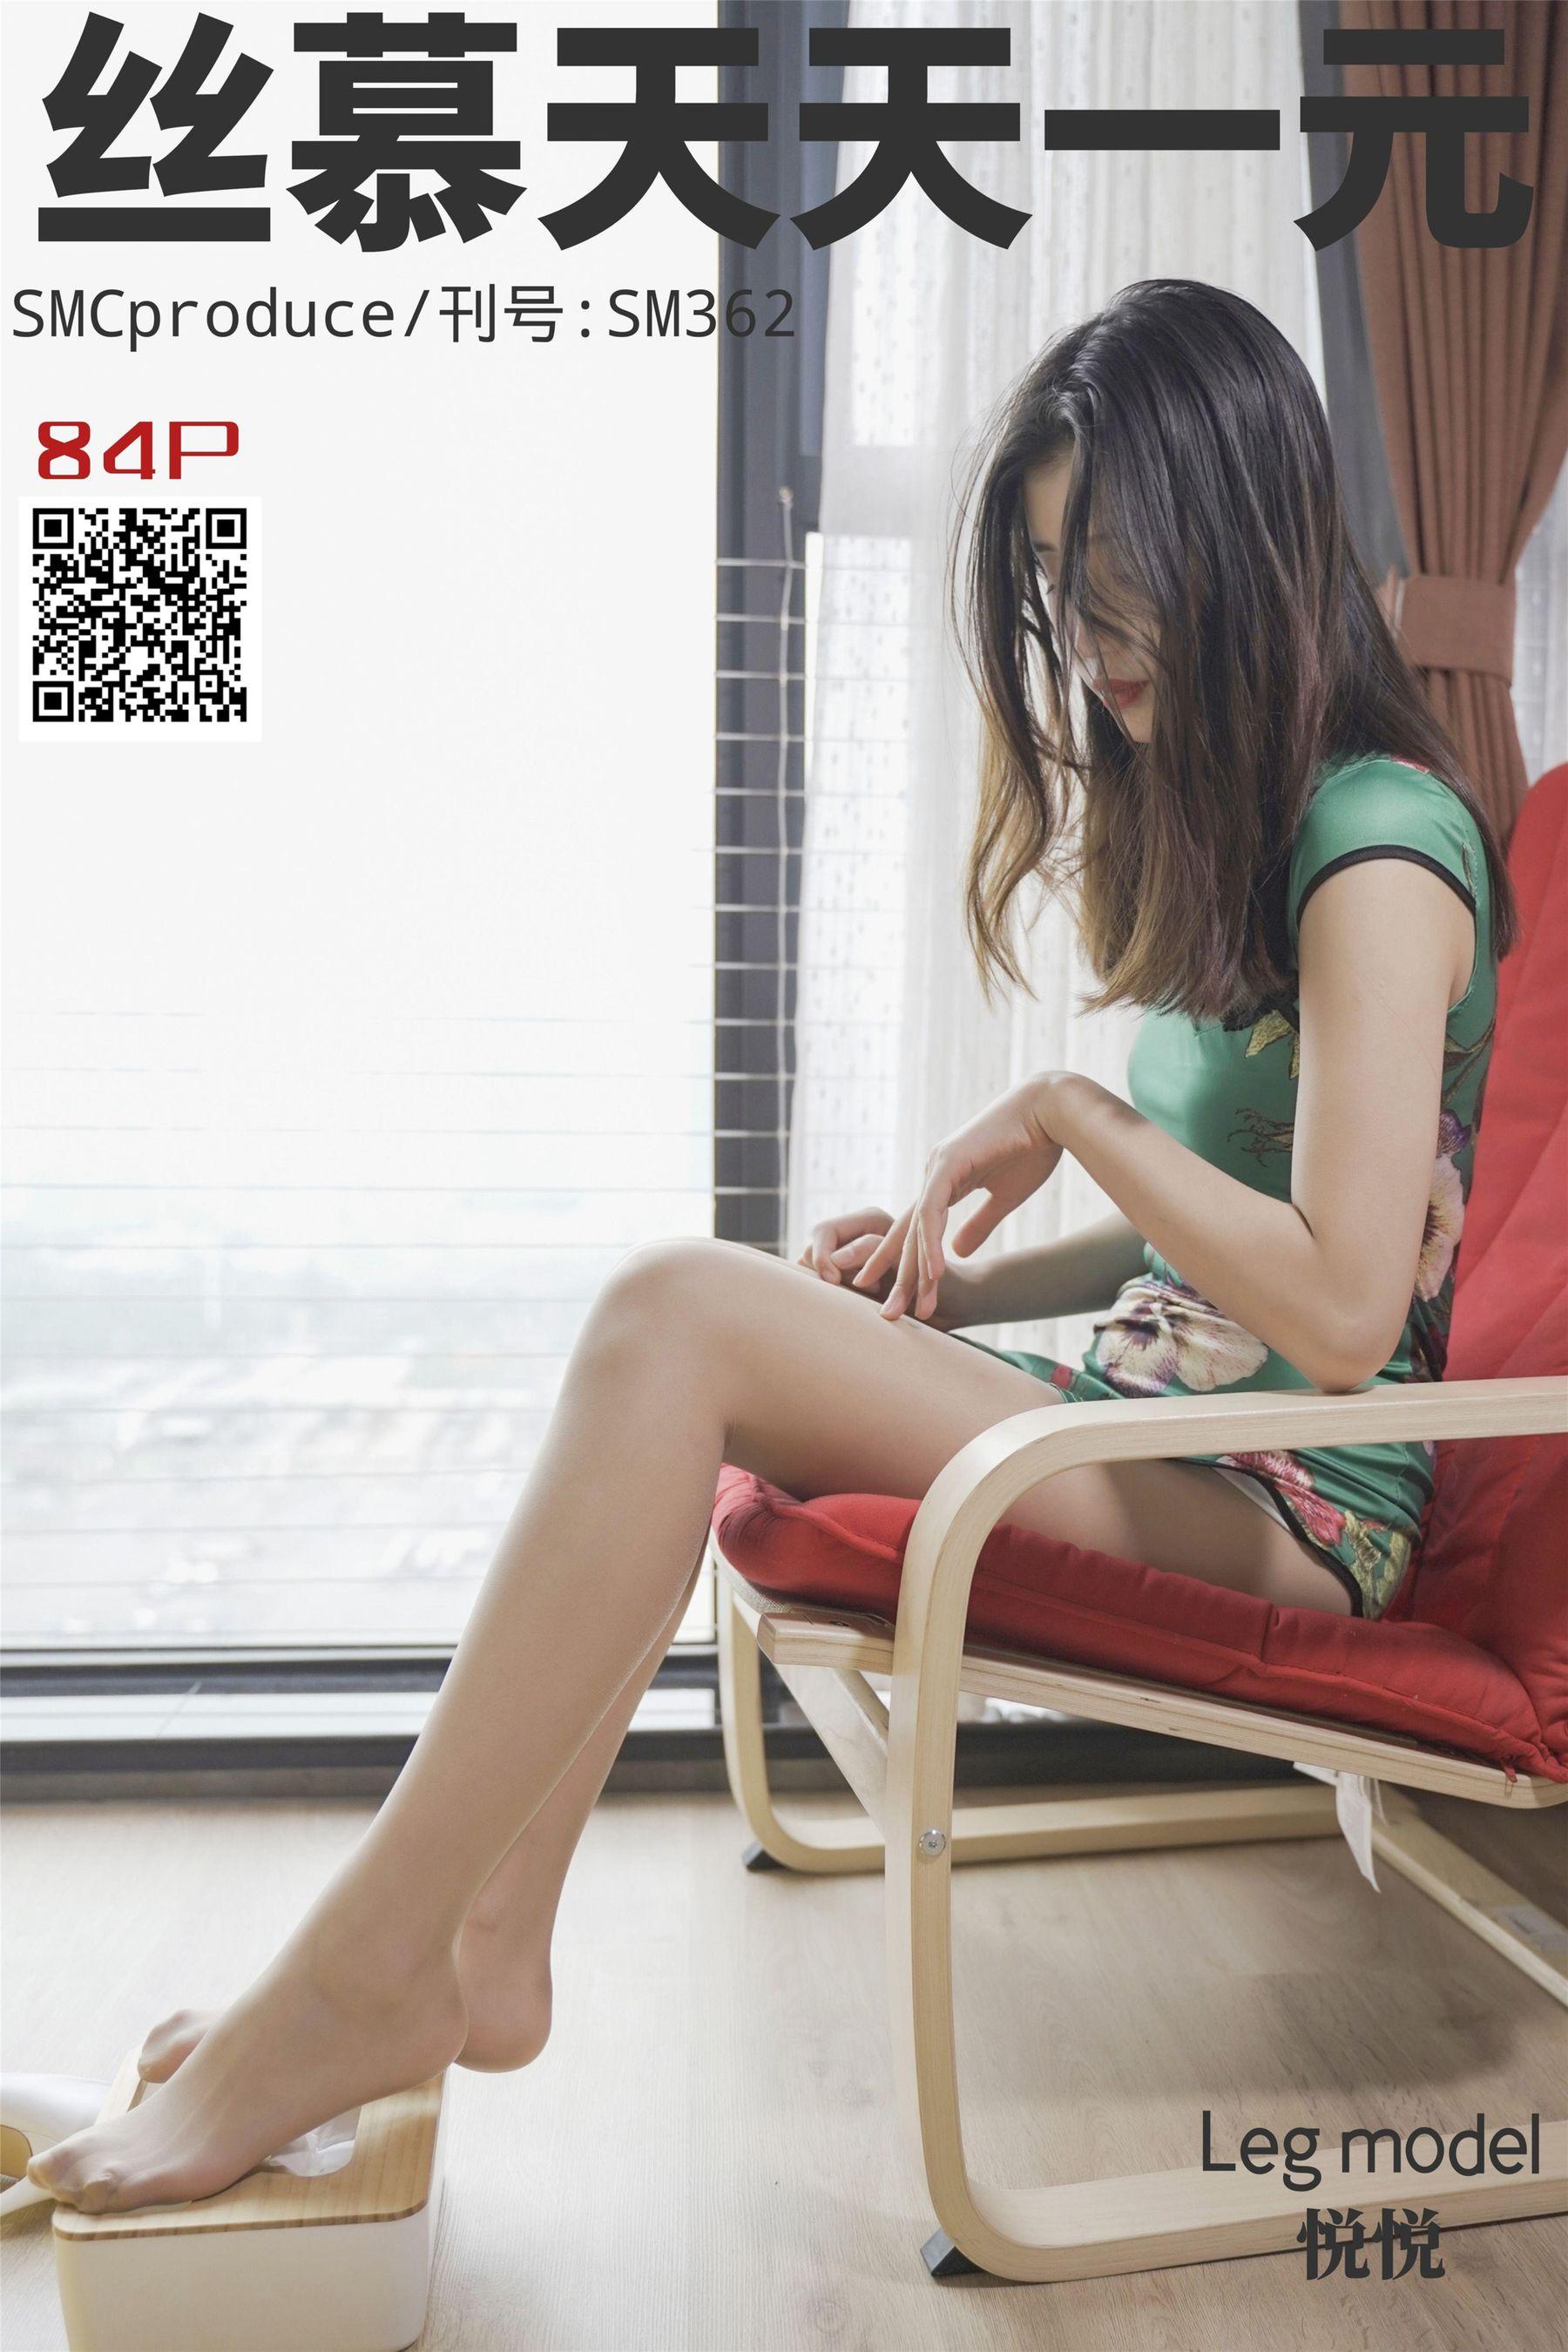 [丝慕]悦悦SM362超高清写真大图片(86P)|1000热度